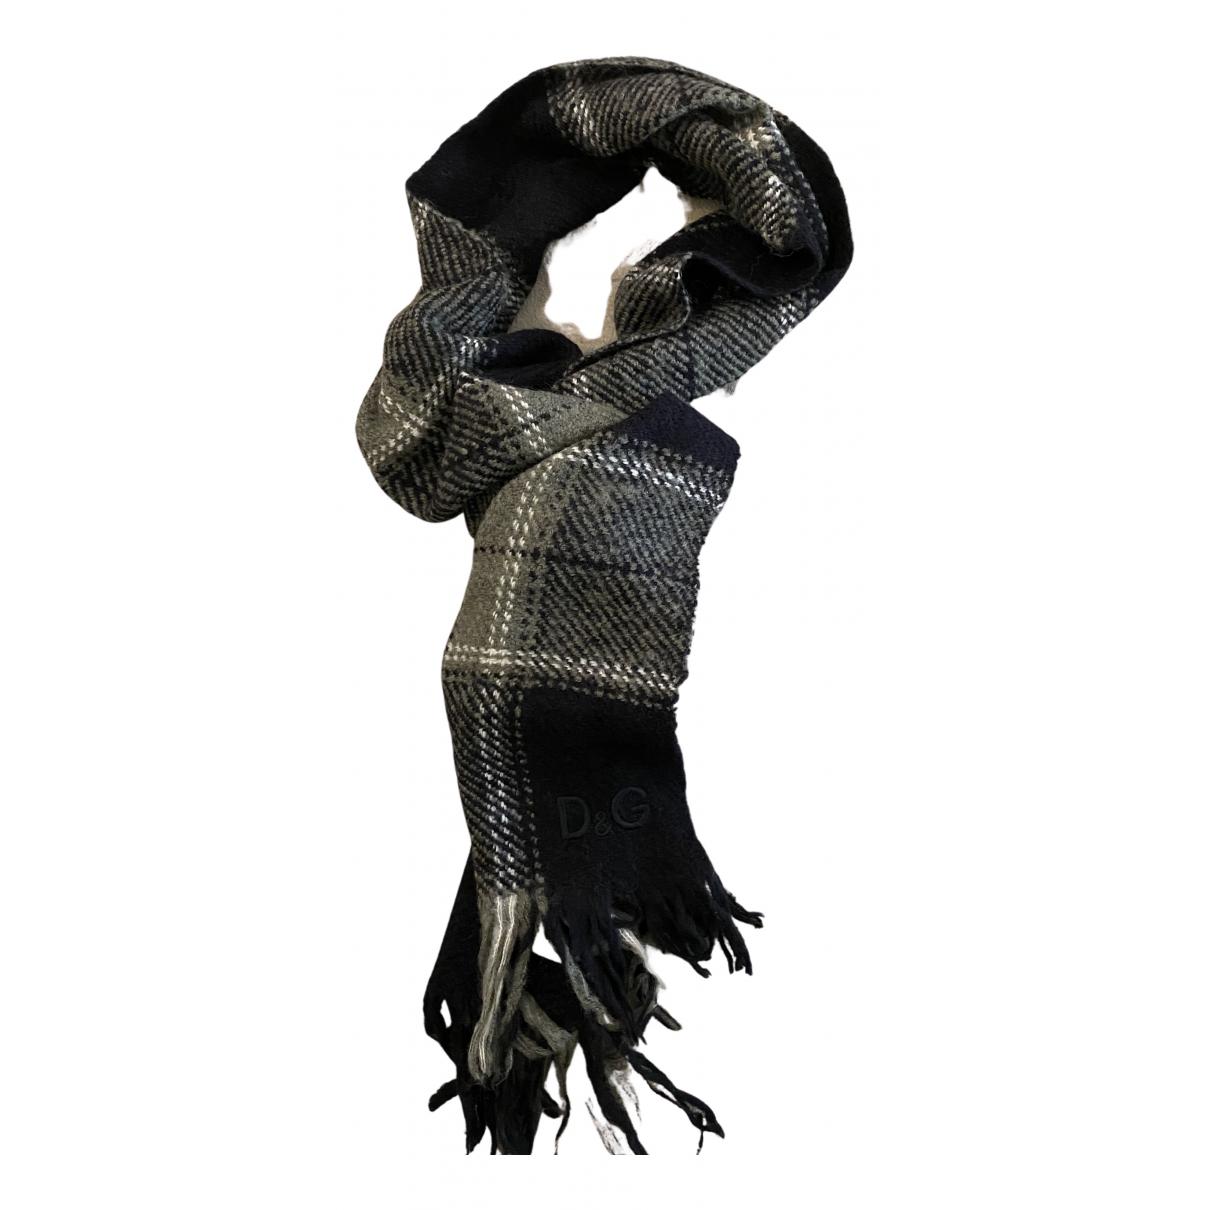 Pañuelo / bufanda de Lana D&g